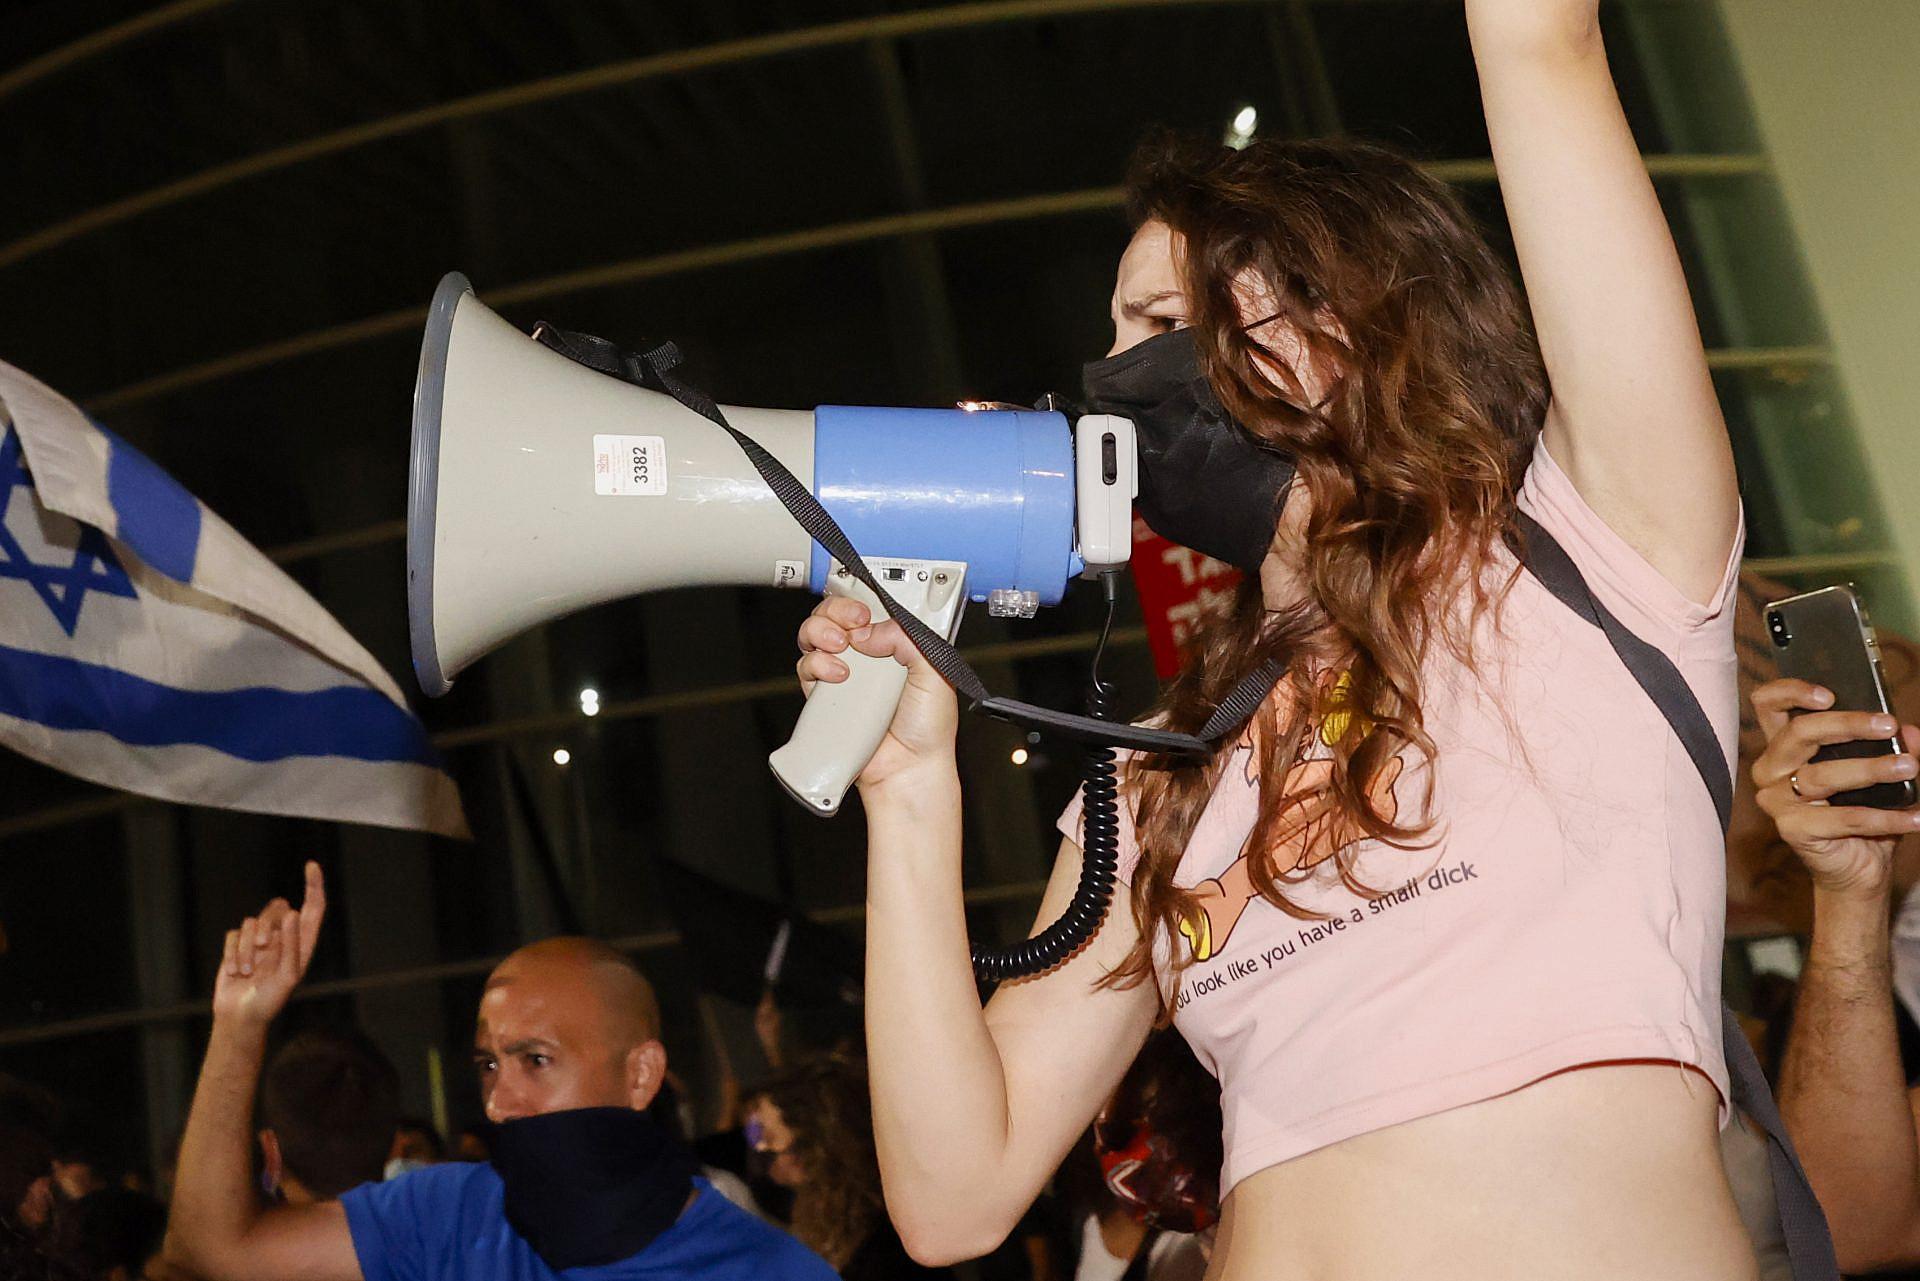 """תקשורת? אנחנו לא צריכים תקשורת. אנחנו התקשורת. מפגינה בכיכר הבימה, מוצ""""ש (צילום: ג'ק גואז\גטי אימג'ס)"""